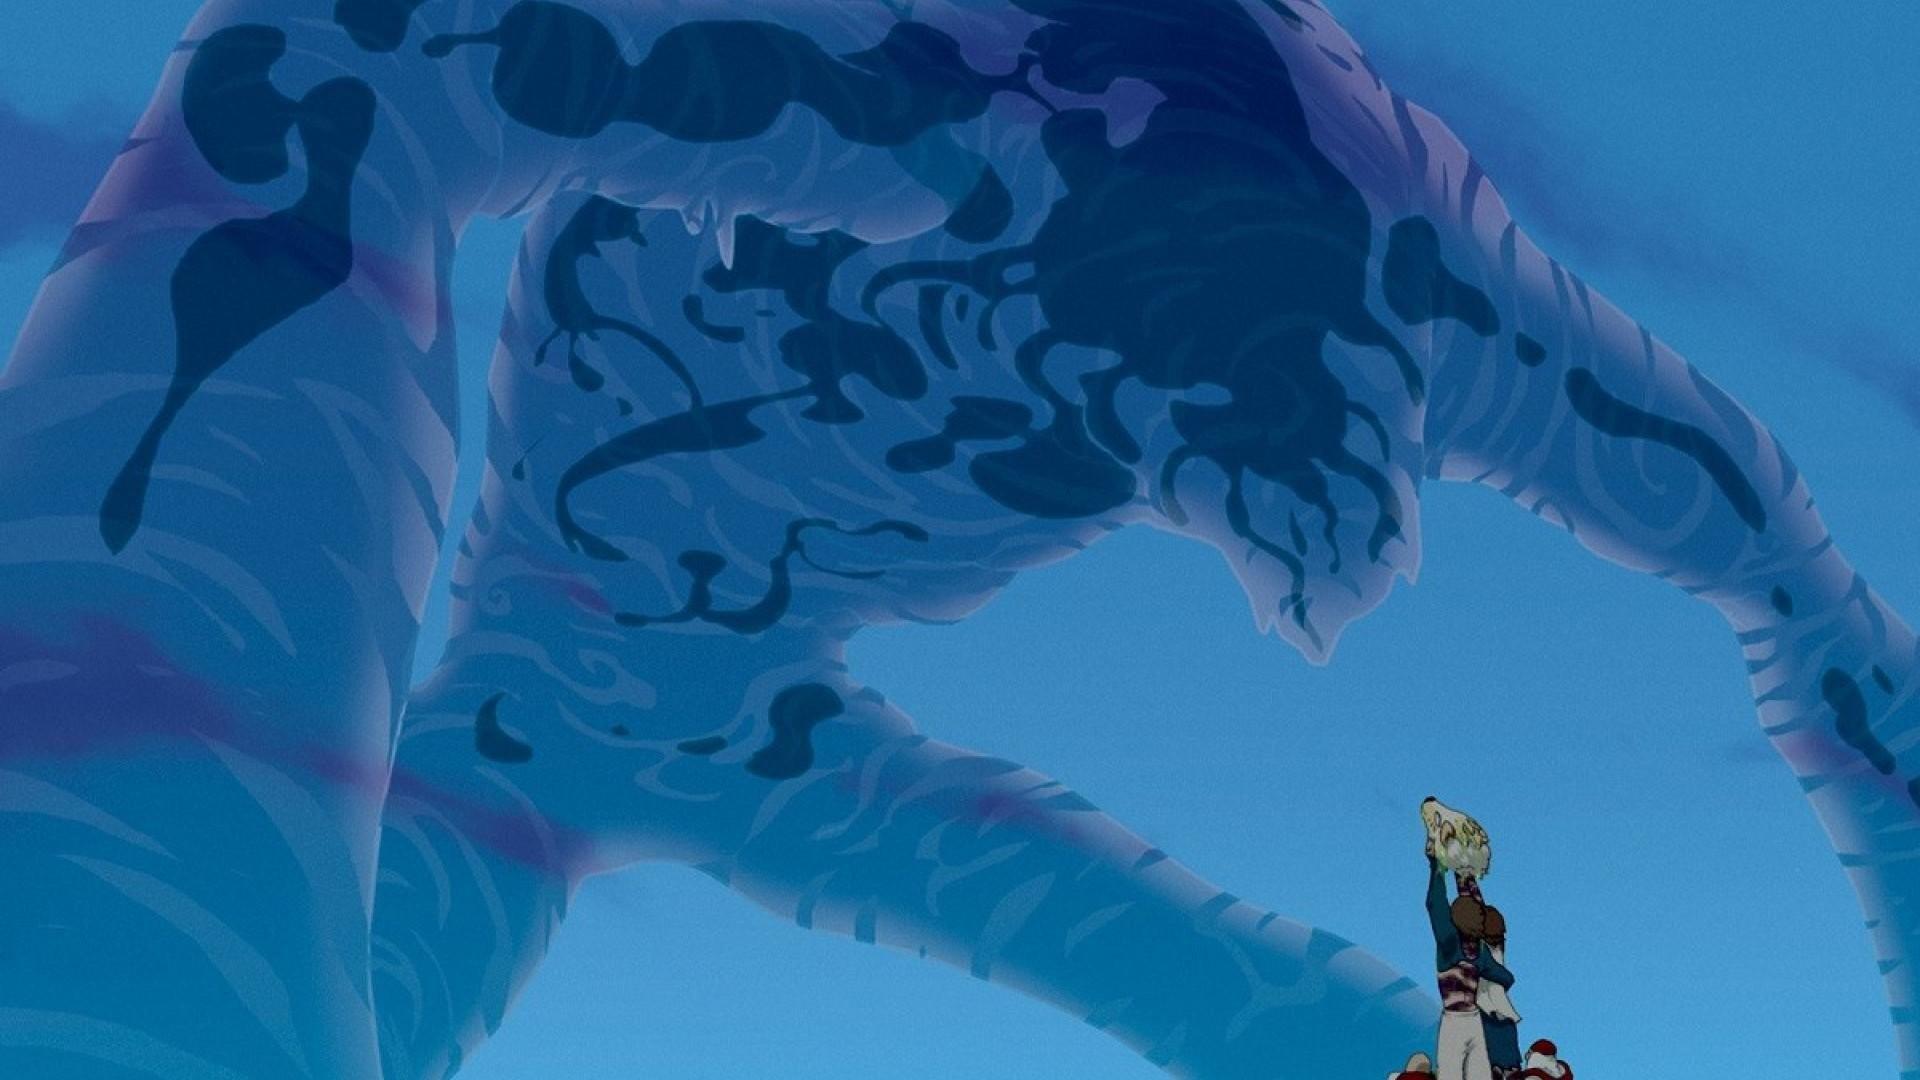 Studio Ghibli Princess Mononoke 104958 …